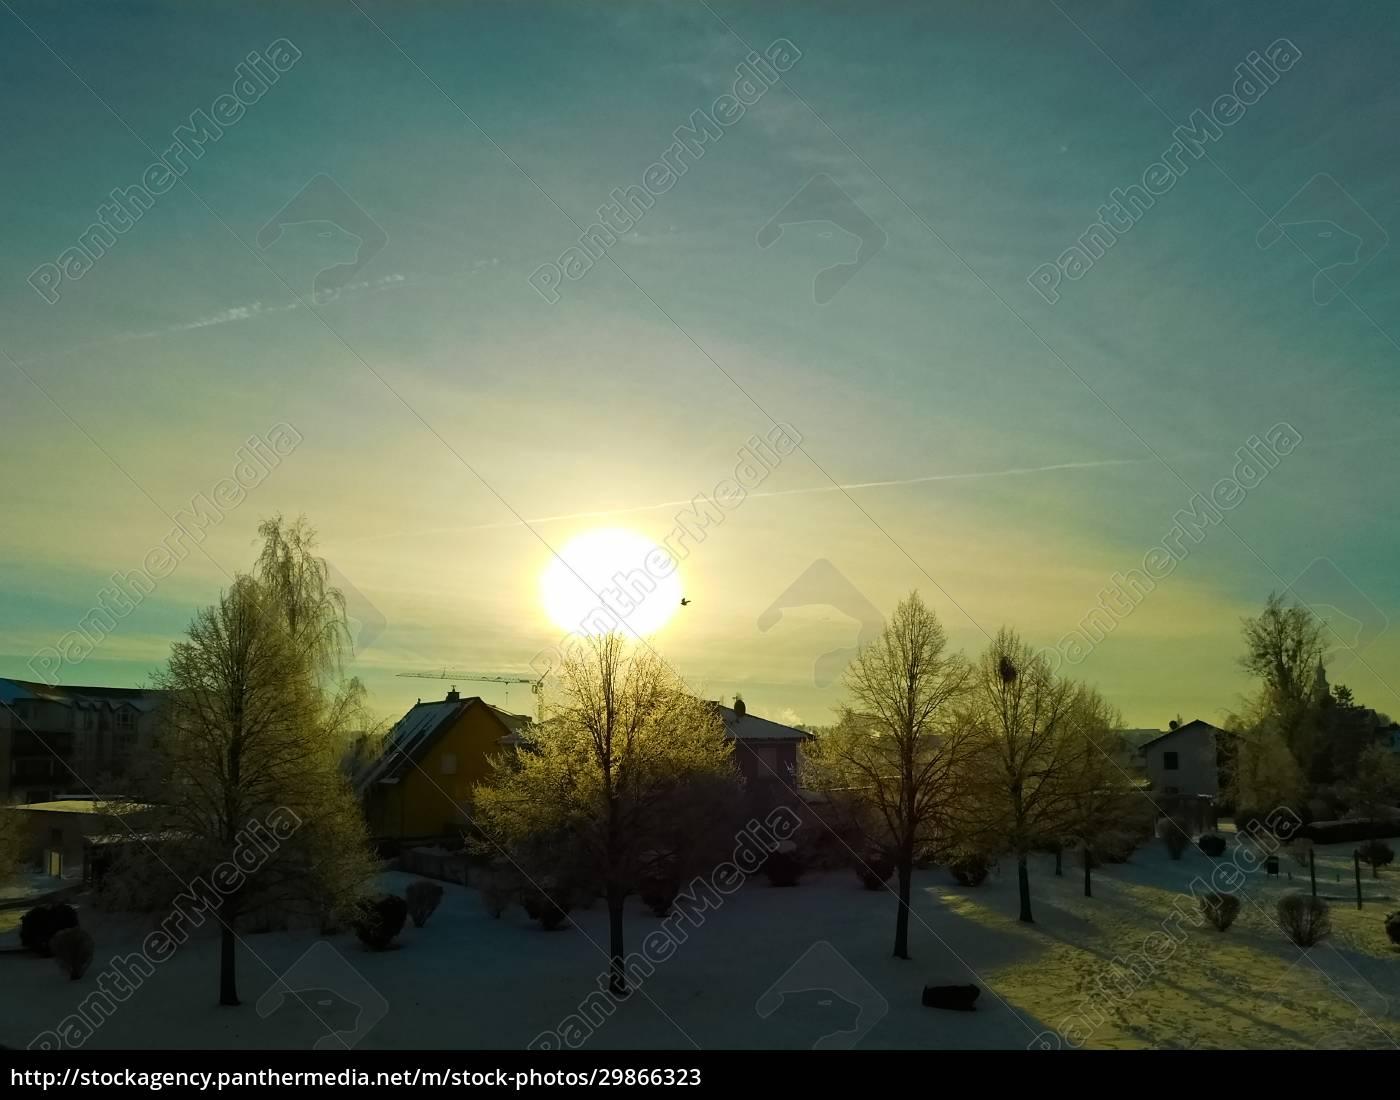 sonnenaufgang, im, winter, in, der, uckermark - 29866323